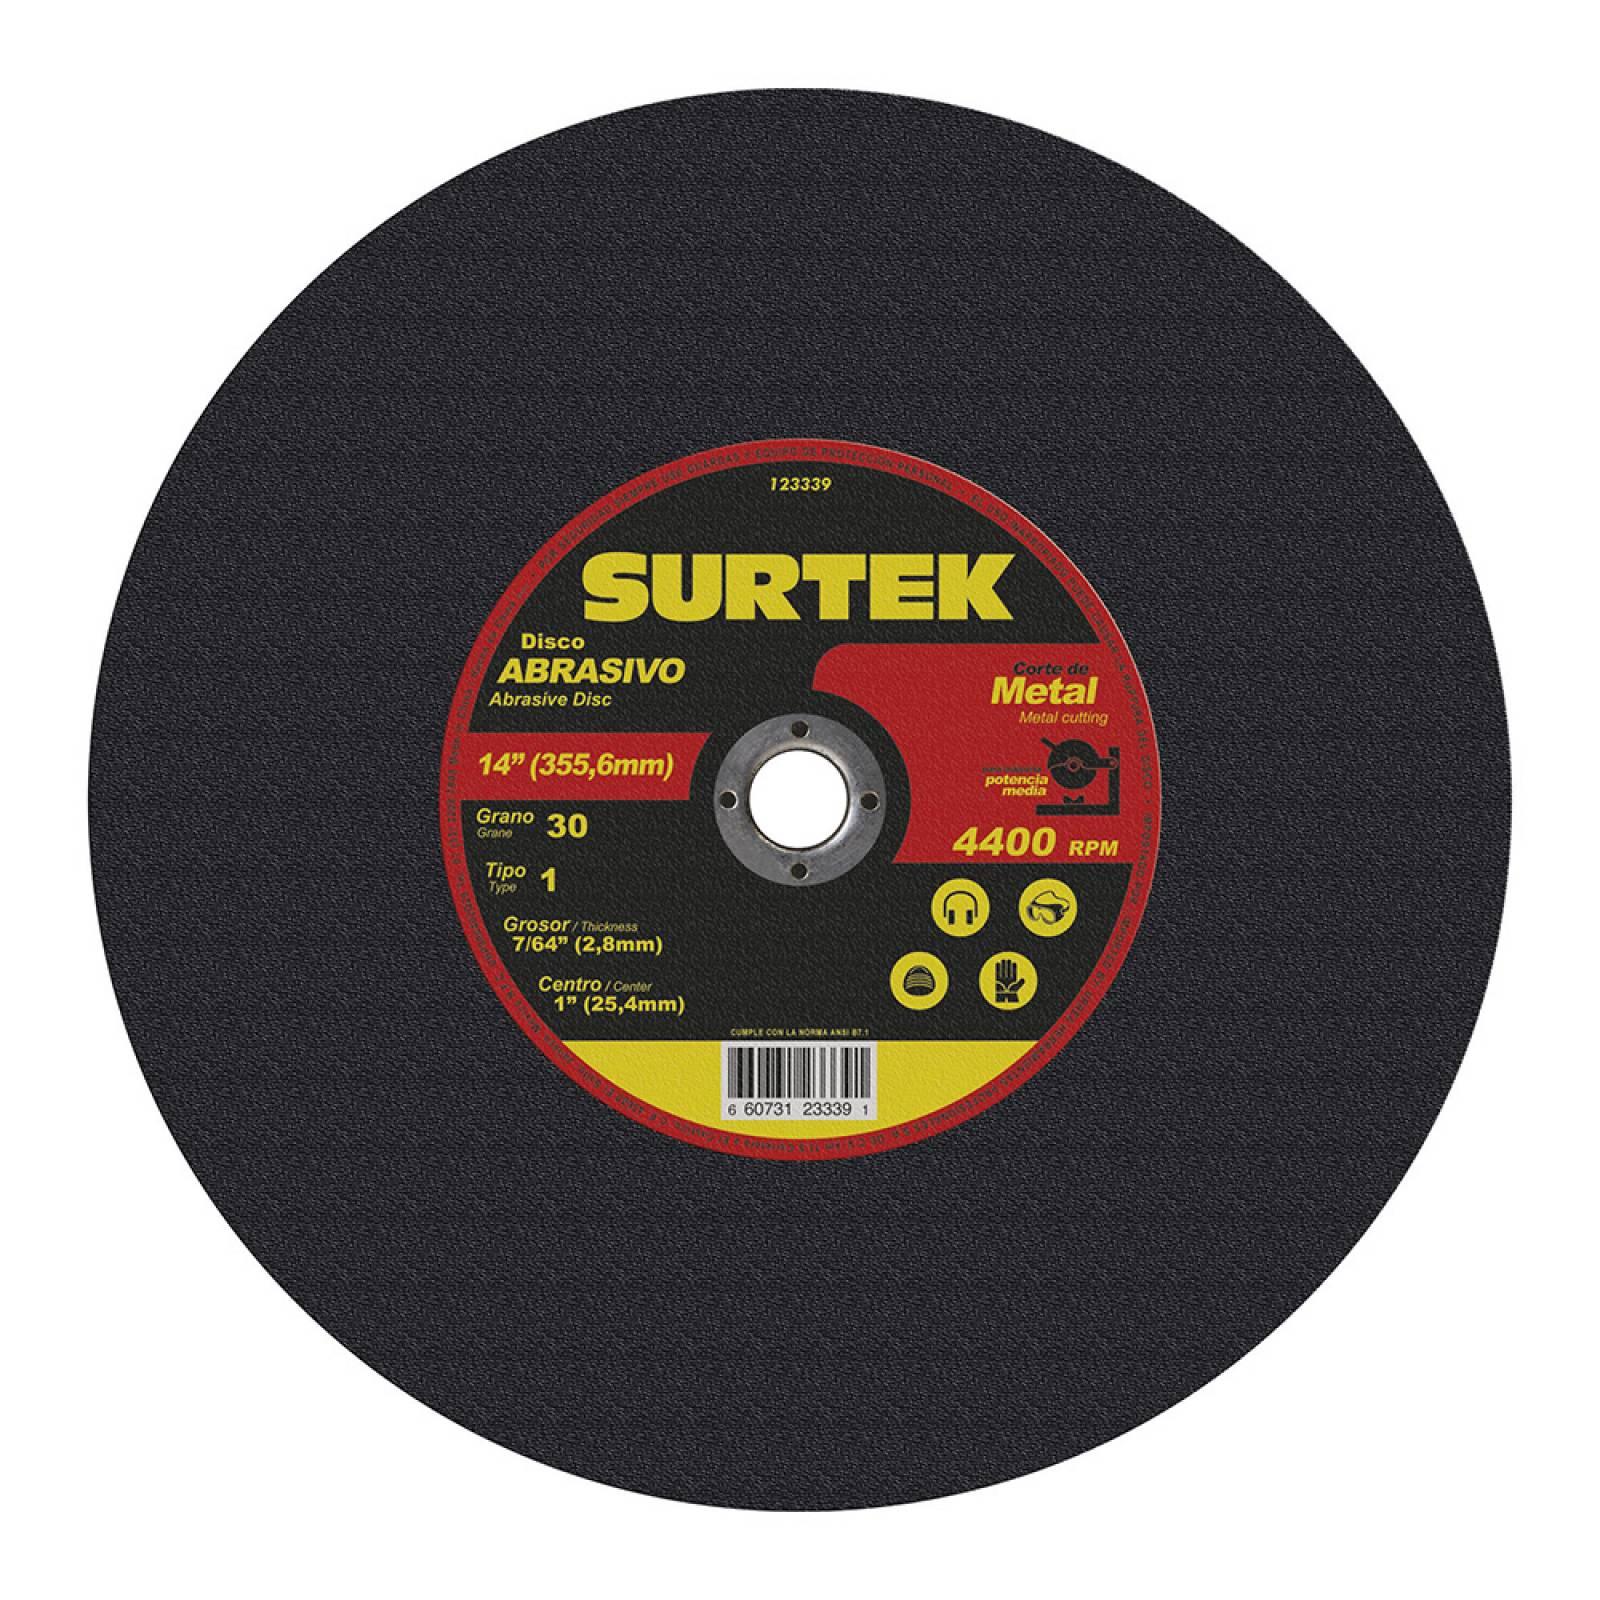 """Disco T/1 Metal 14X7/64"""" A/Pot 123339 Surtek"""